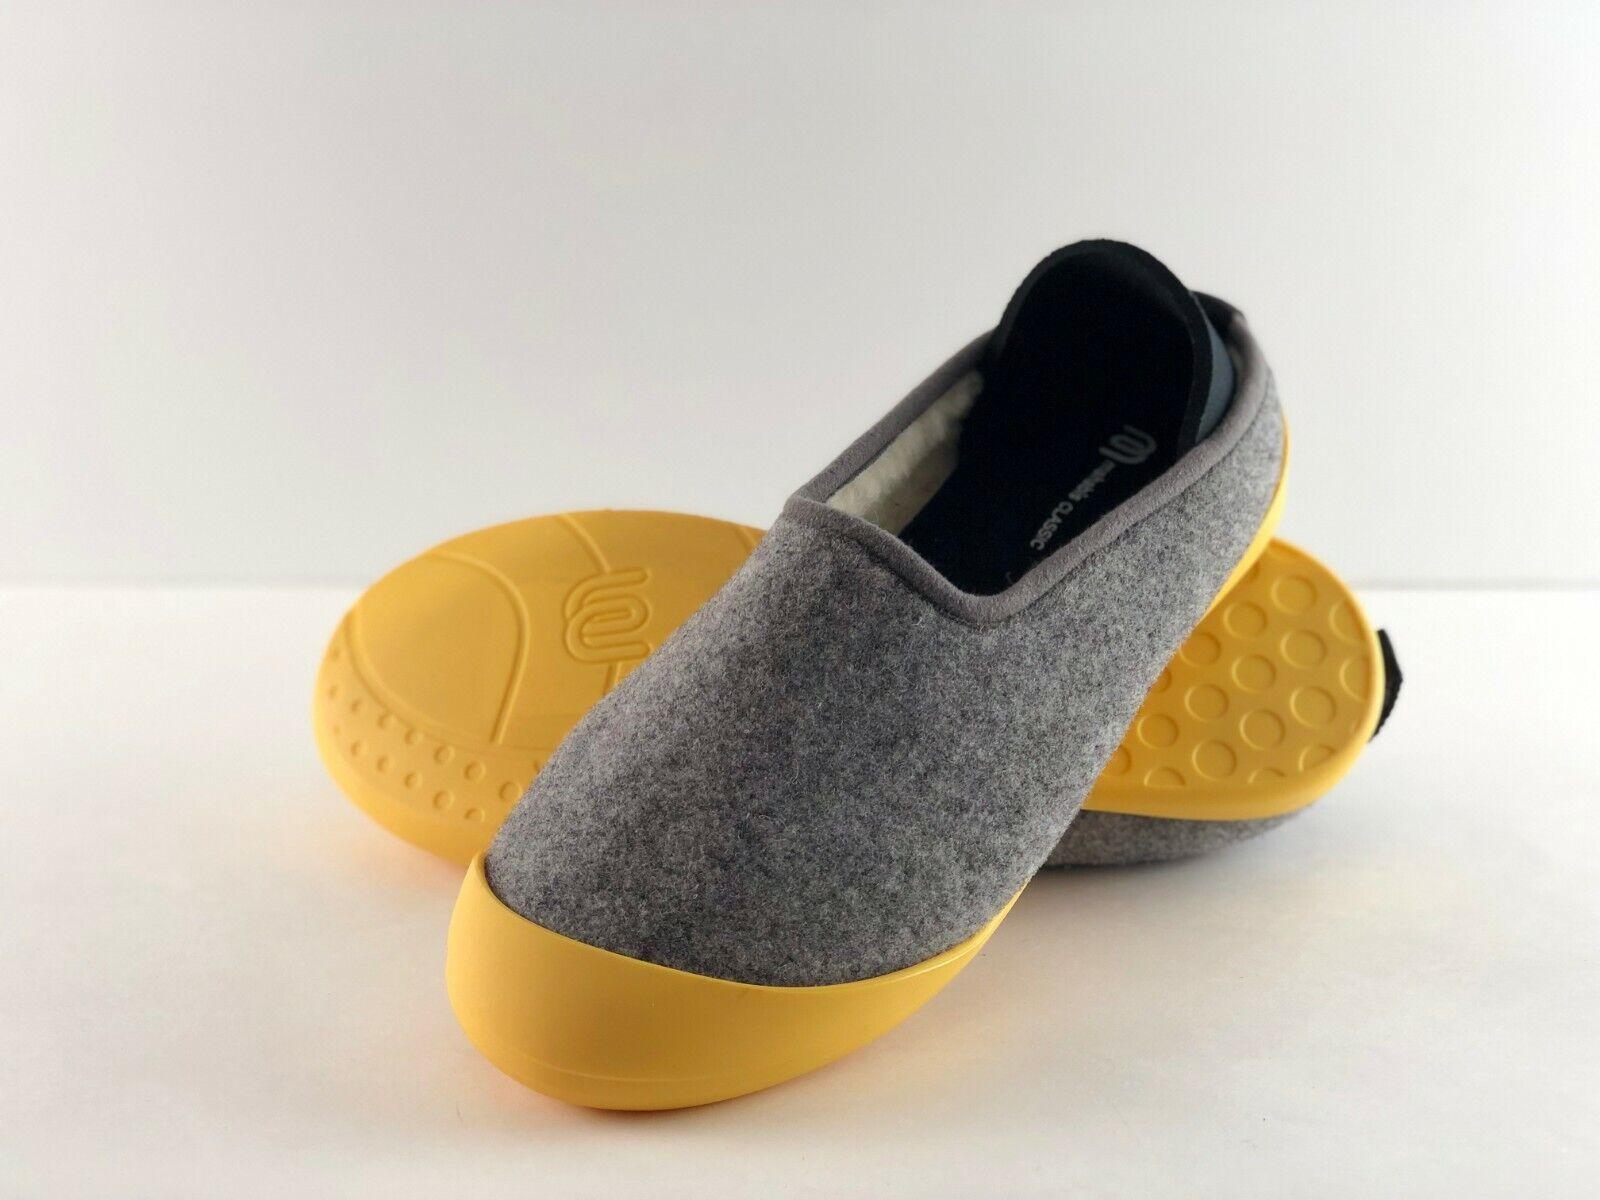 Mahabis Zapatillas Zapatillas De Mujer Clásico gris Claro 8